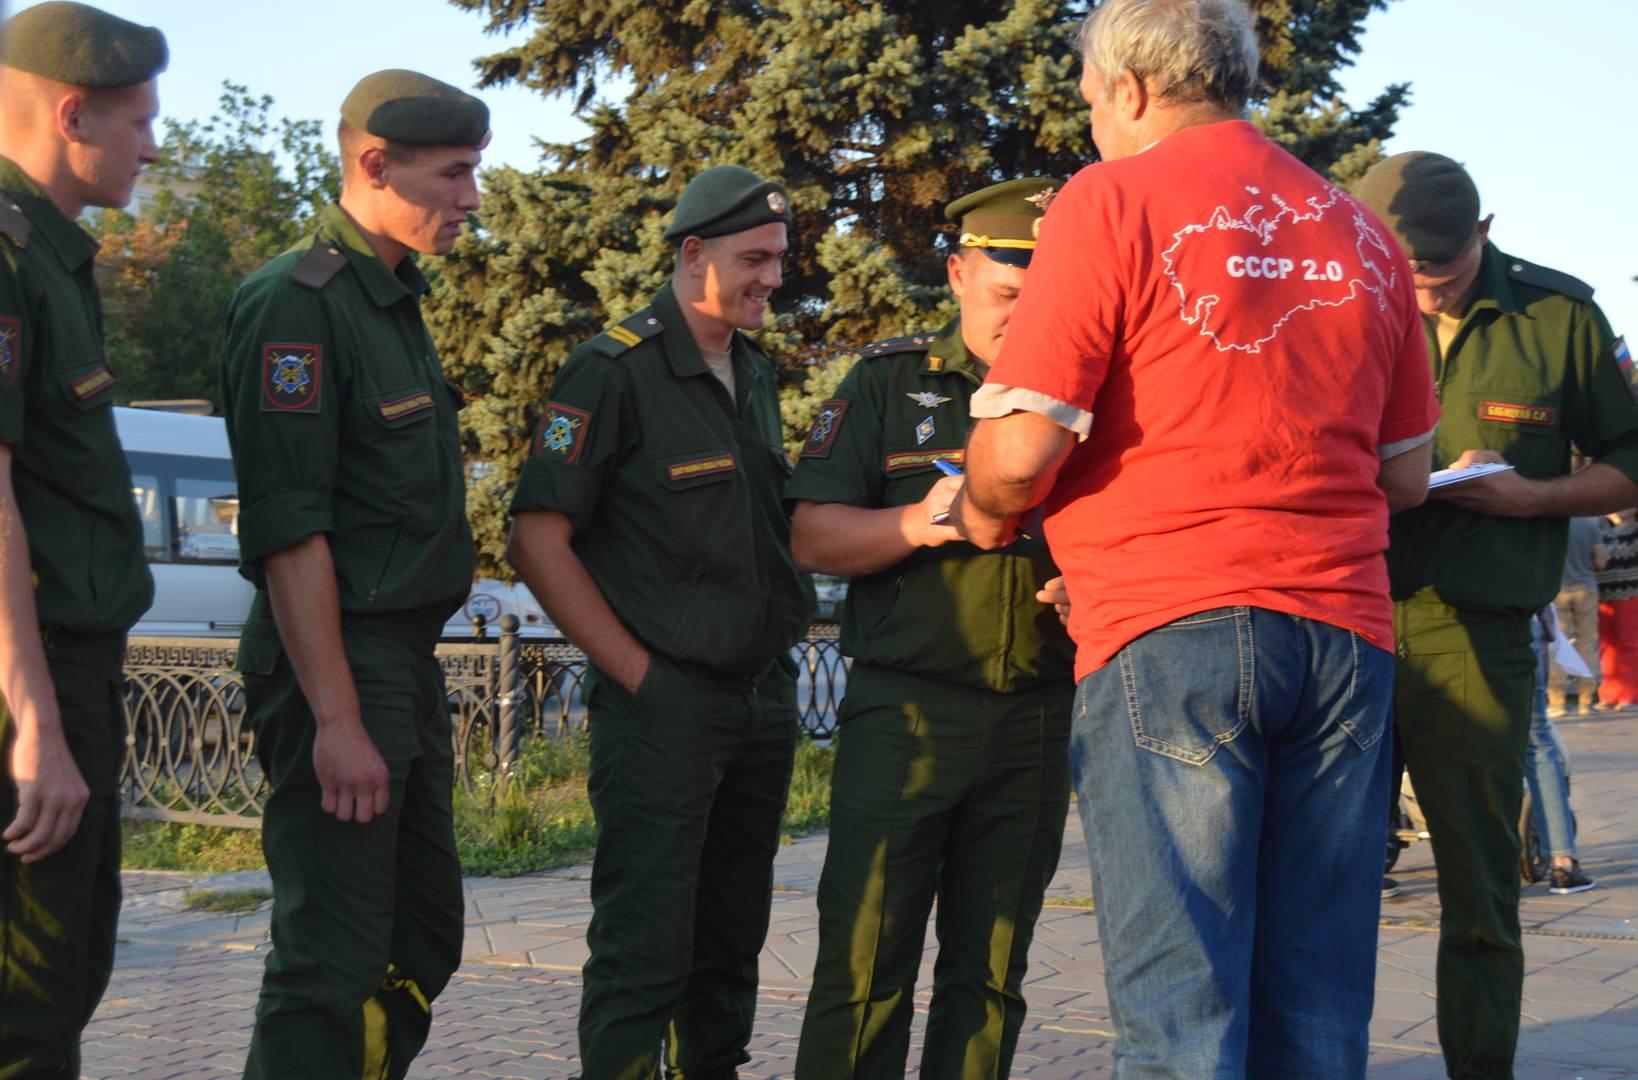 Сбор подписей против пенсионной реформы в Ульяновске. 22 сентября 2018 г.